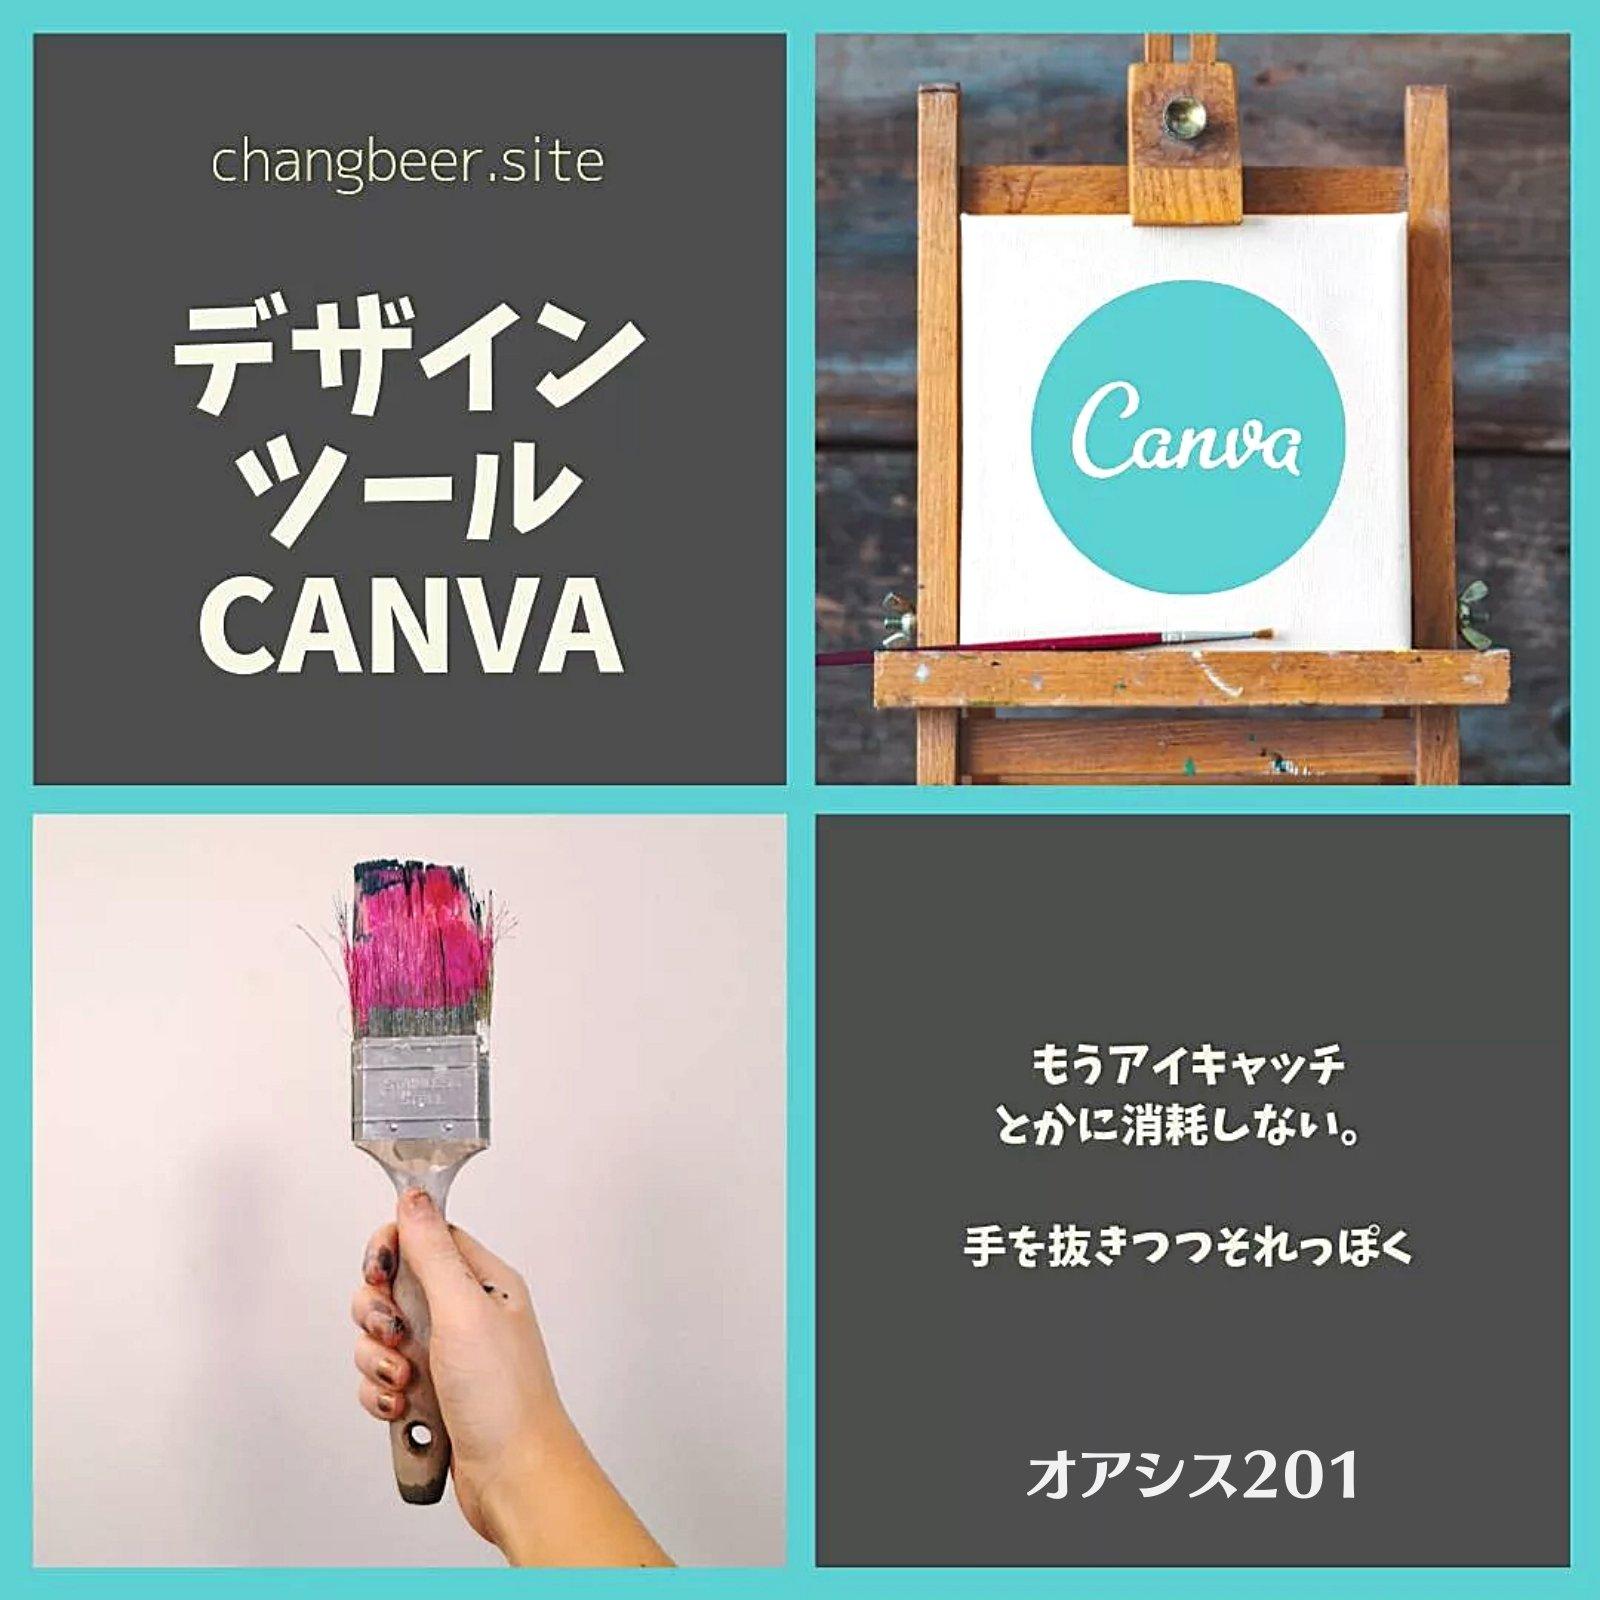 【Zoomで安心】ツクツクショップ出店者専用|Canvaの使い方講座|画像類を自分好みに♪のイメージその2